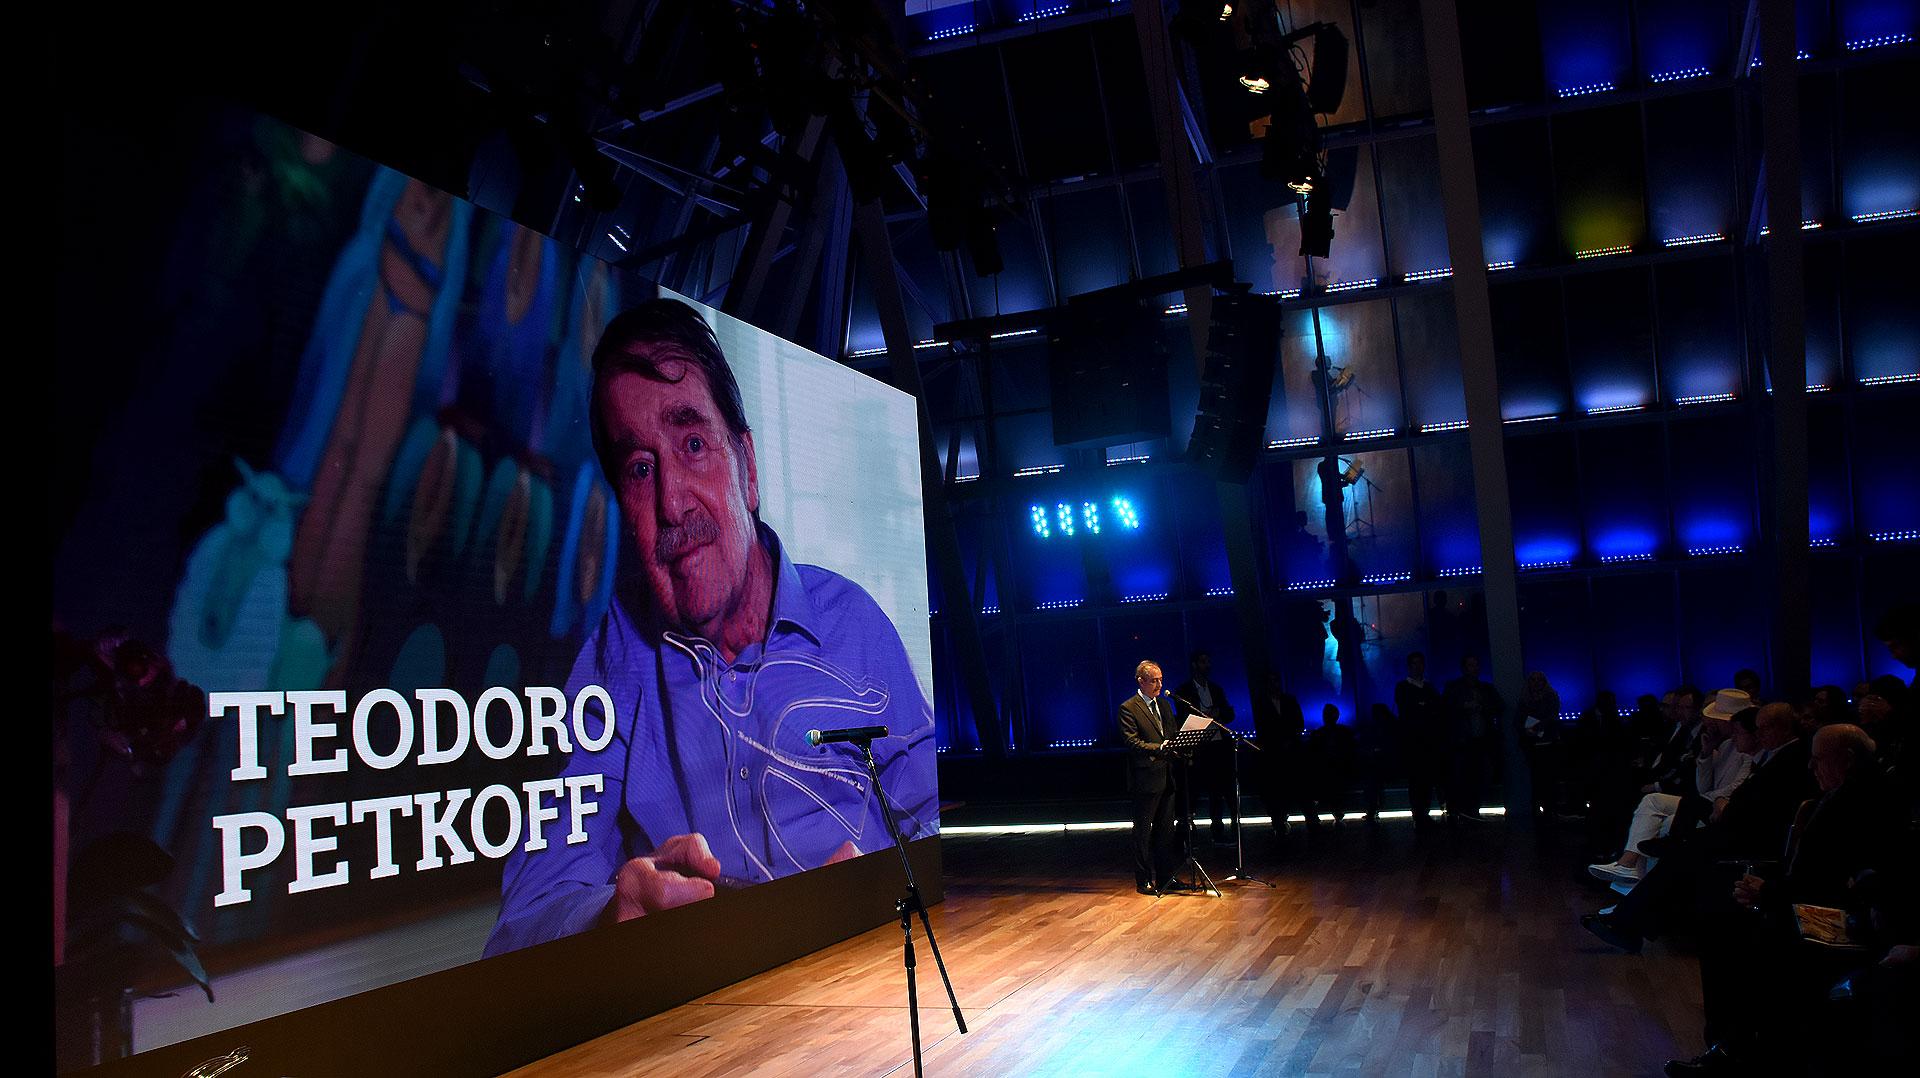 El periodista venezolano, Teodoro Petkoff, ganó el Premio Perfil a la Libertad de Expresión Internacional